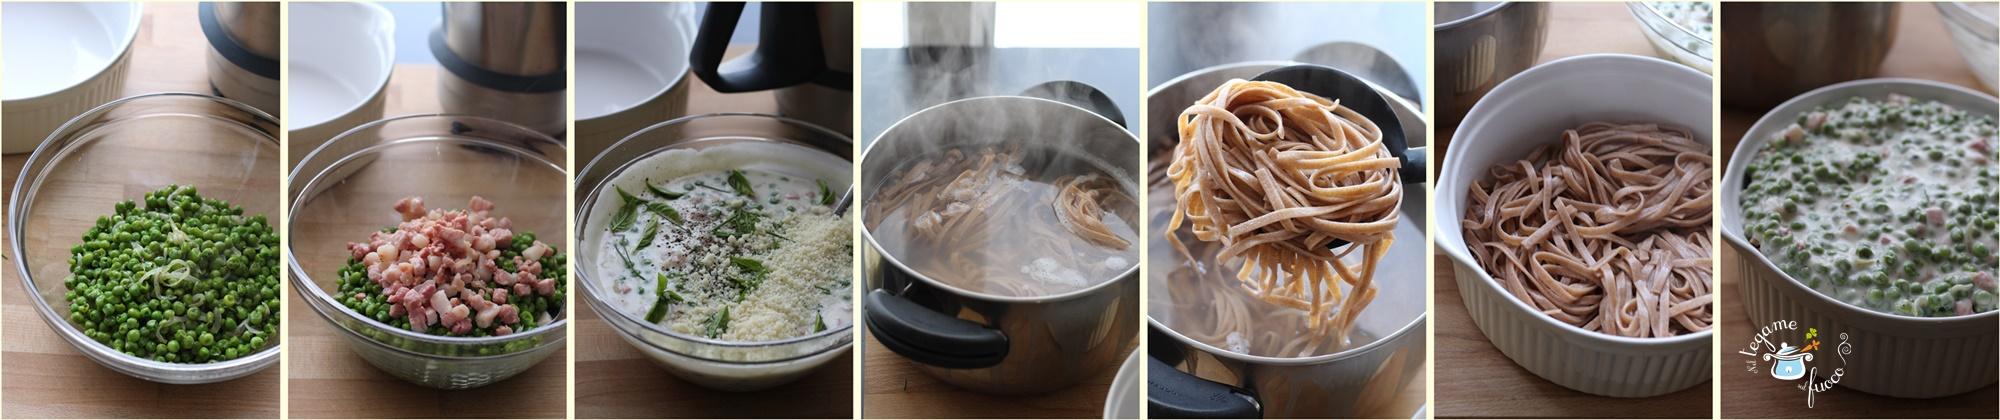 ricetta+sformato+tagliatelle+facile